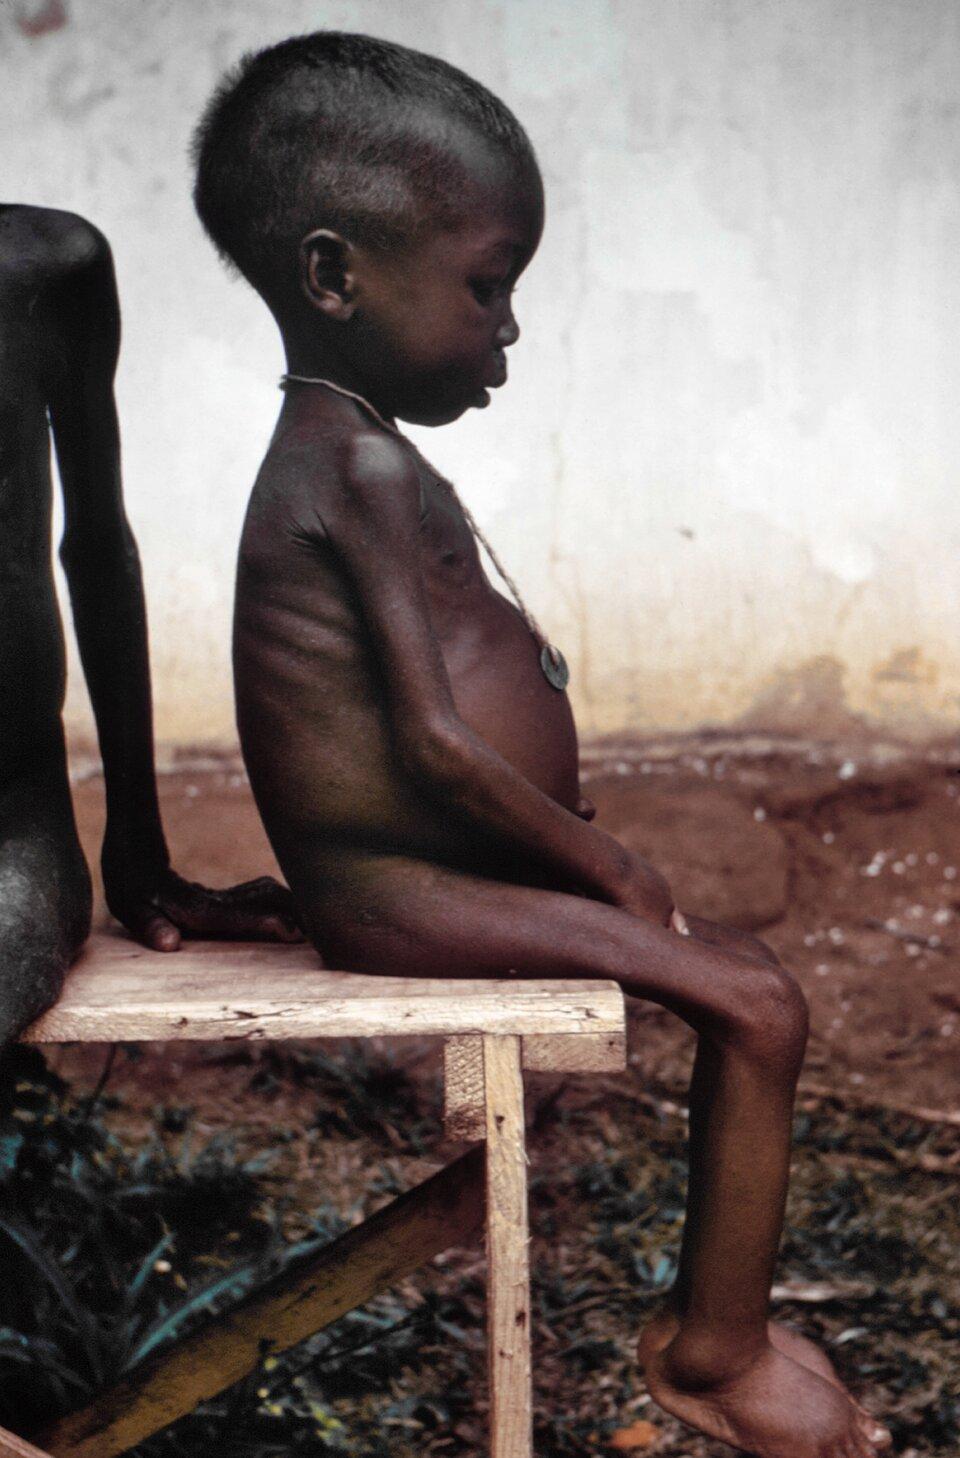 na zdjęciu mała, smutna dziewczynka siedząca na drewnianym stołku, dziecko cierpi zgłodu